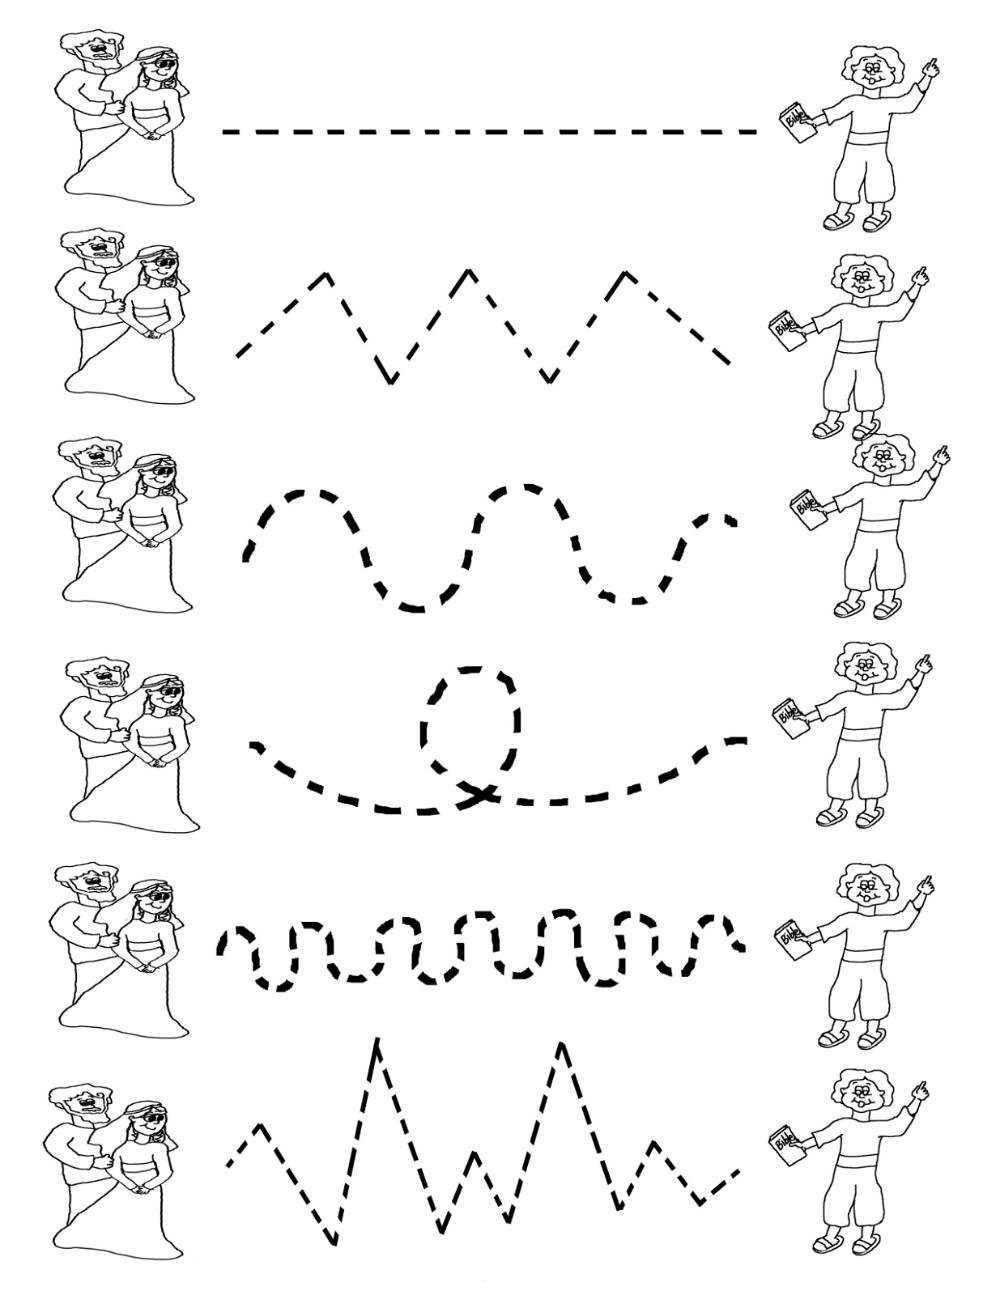 Free Preschool Printables Kids Learning Activity Tracing Worksheets Preschool Preschool Tracing Tracing Worksheets [ 1295 x 1000 Pixel ]